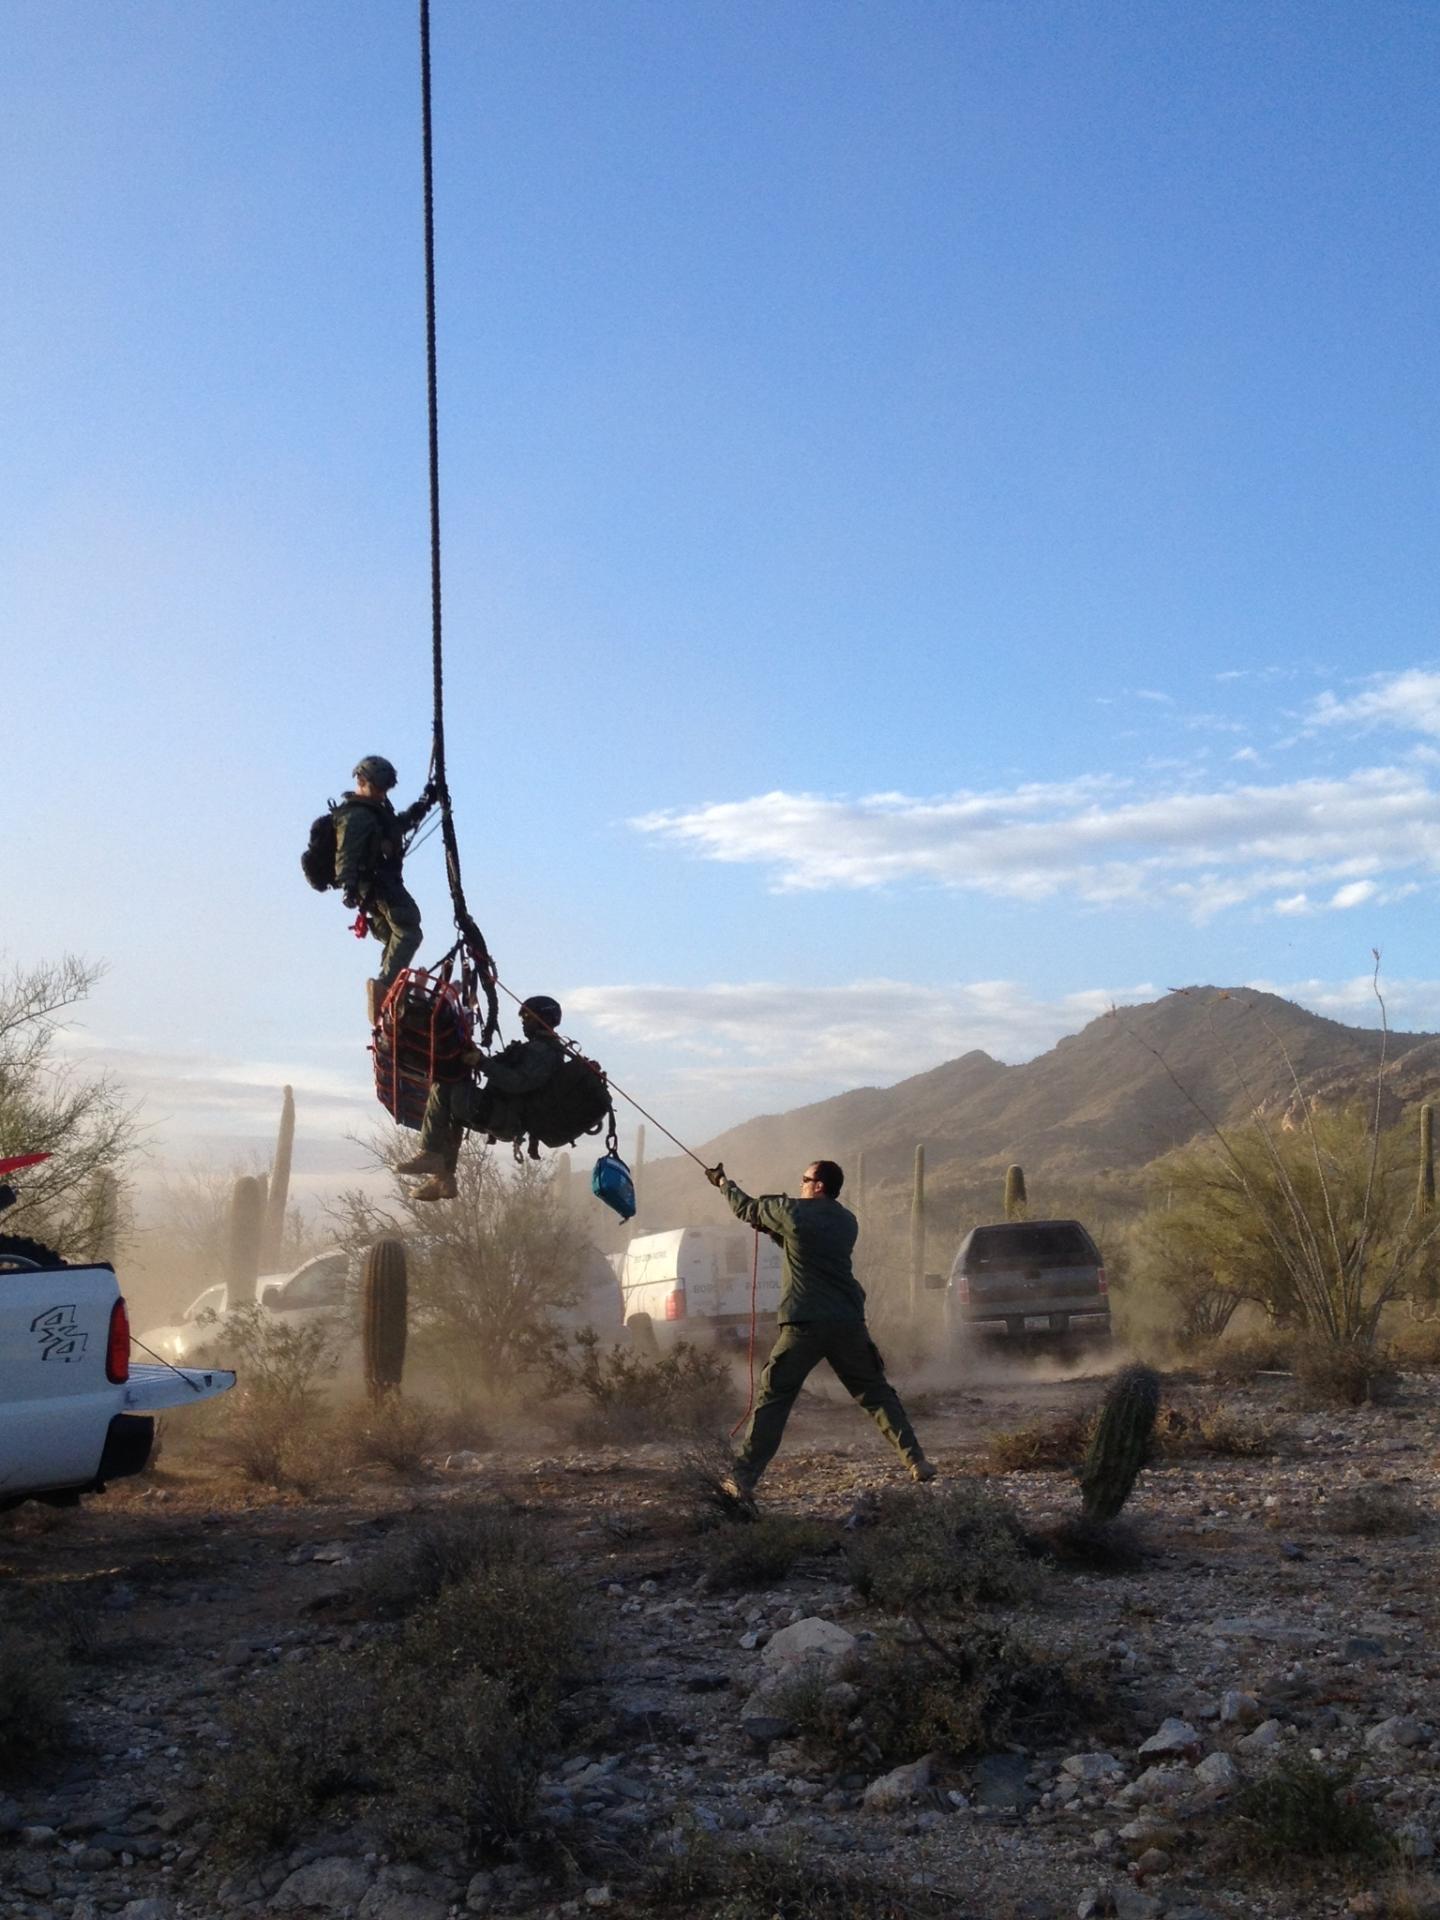 Migrante lesionado es transportado en helicóptero por equipos de la Patrulla Fronteriza y Operaciones Aéreas y Marítimas de CBP.